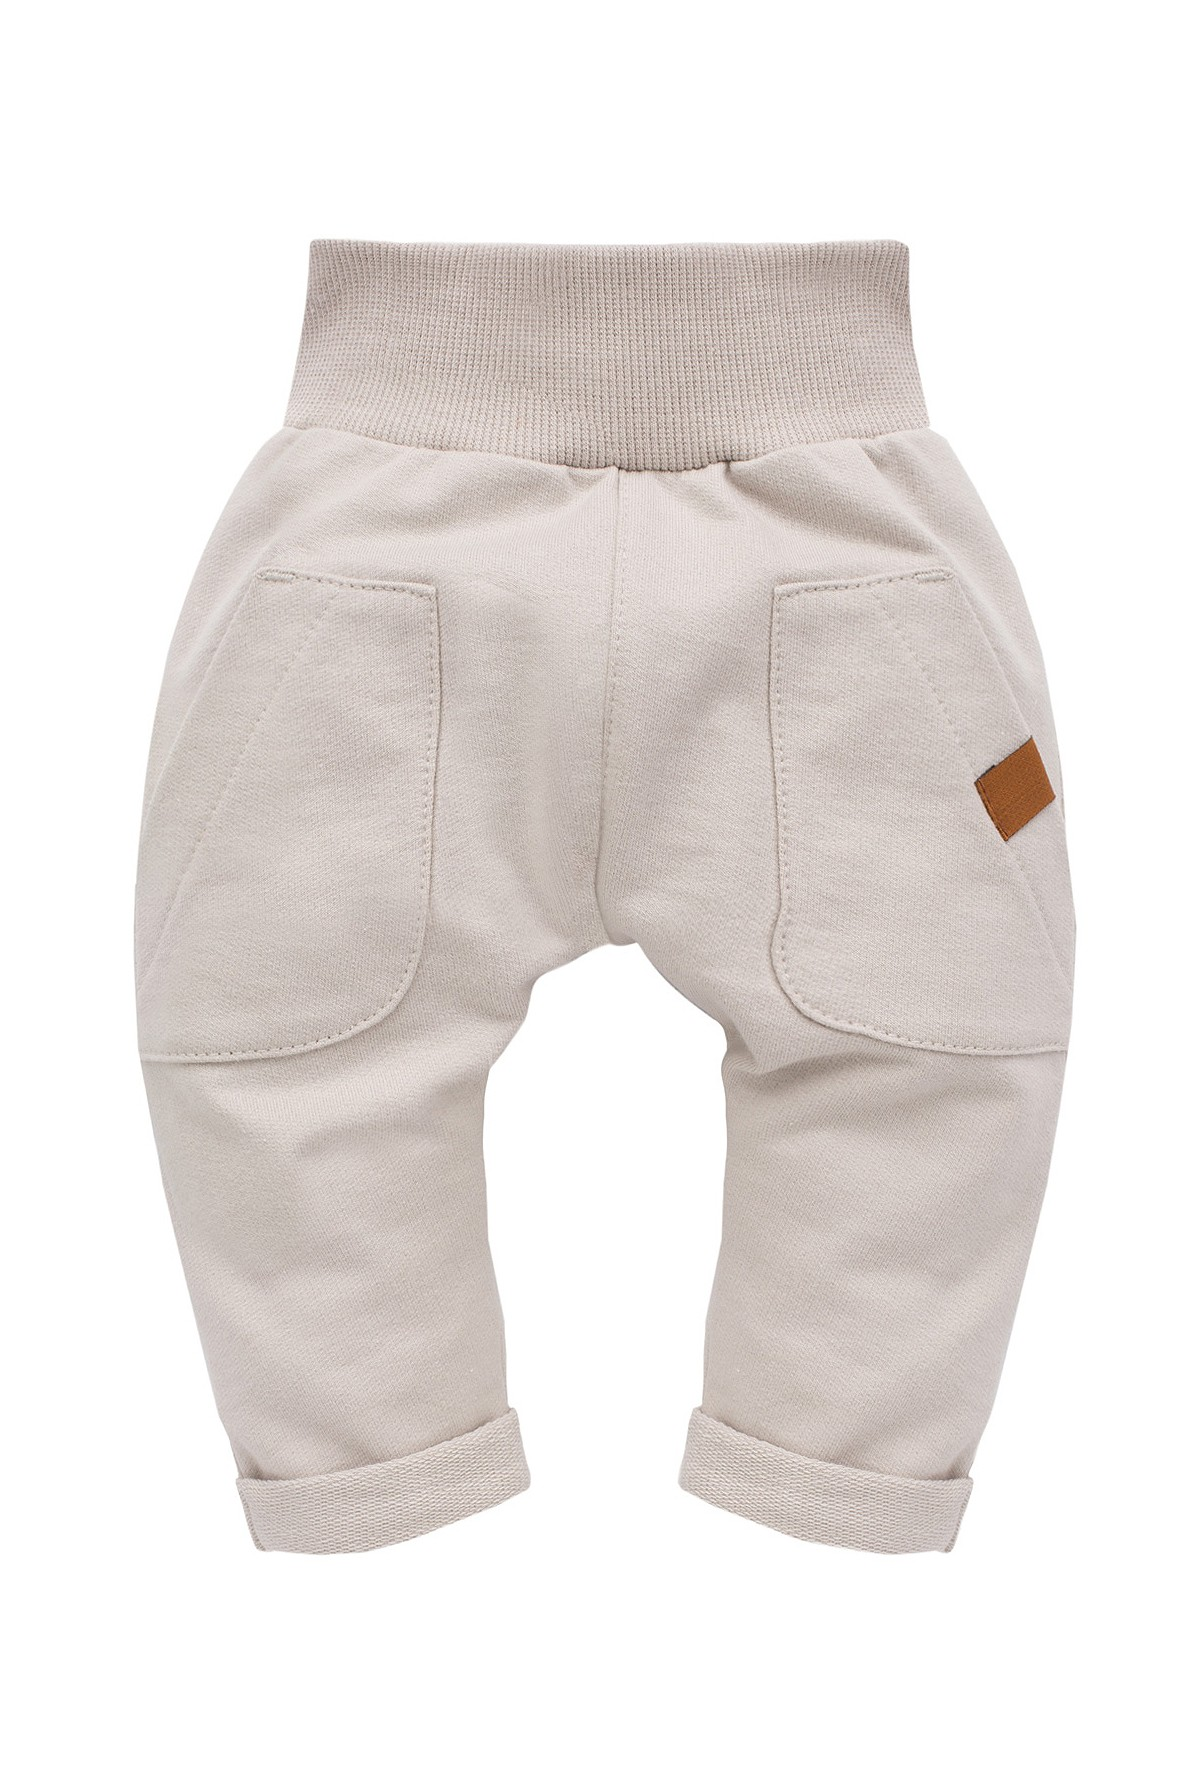 Spodnie pumpy niemowlęce Nice Day